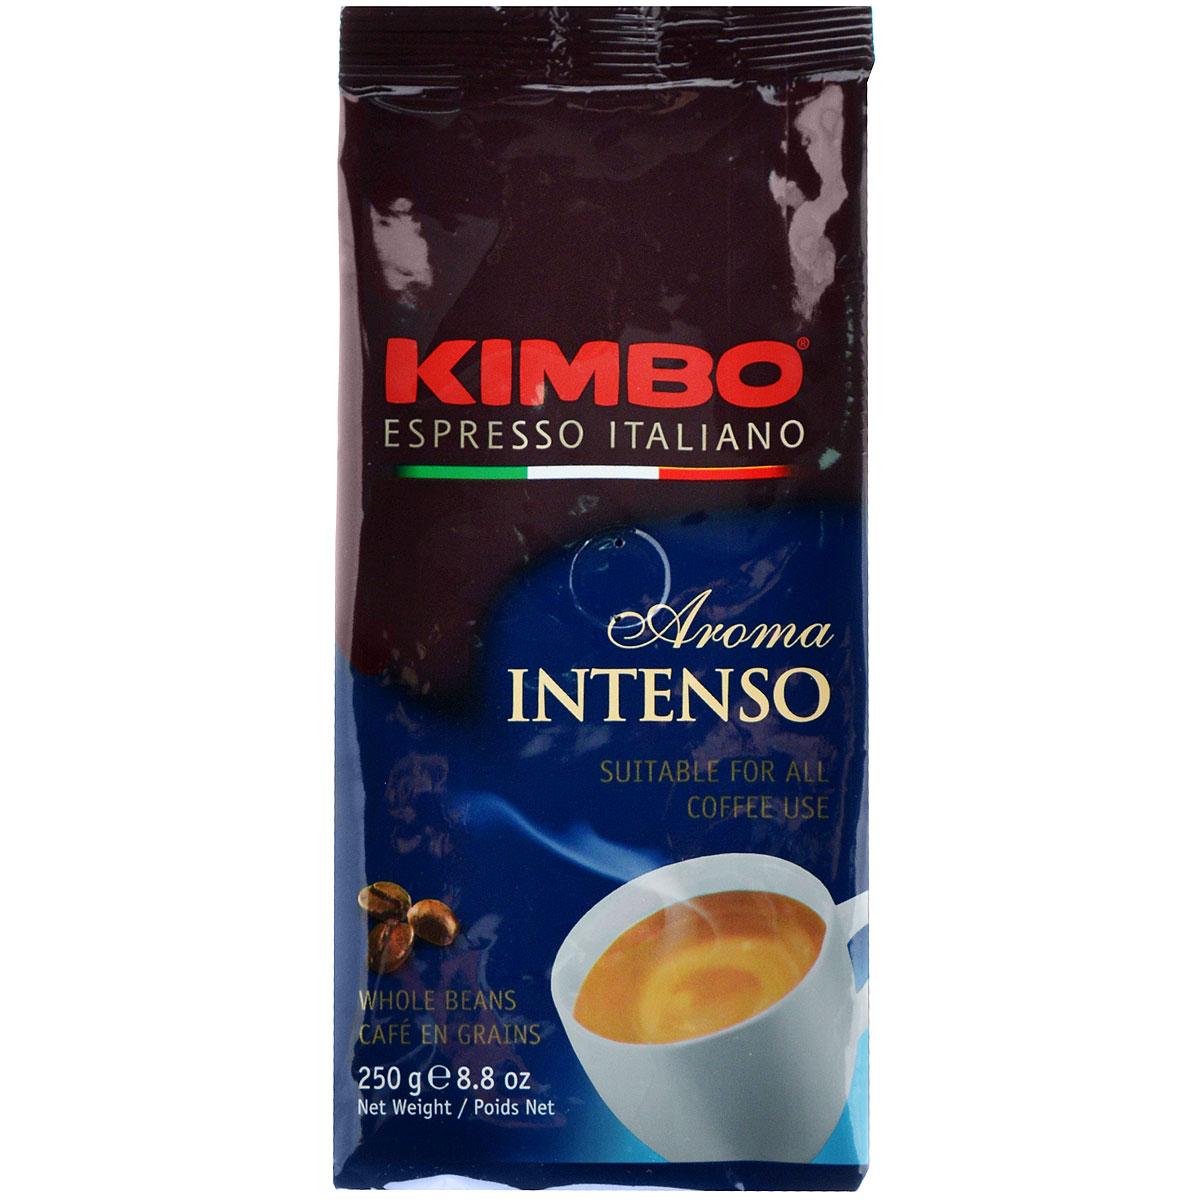 Kimbo Aroma Intenso кофе в зернах, 250 г8002200601218Натуральный жареный кофе в зернах Kimbo Aroma Intenso. Крепкий, с шоколадным послевкусием и ярким ароматом. Изысканная смесь арабики и робусты придаёт «Кимбо Арома Интенсо» насыщенный вкус. Состав смеси: 80% арабика, 20% робуста.